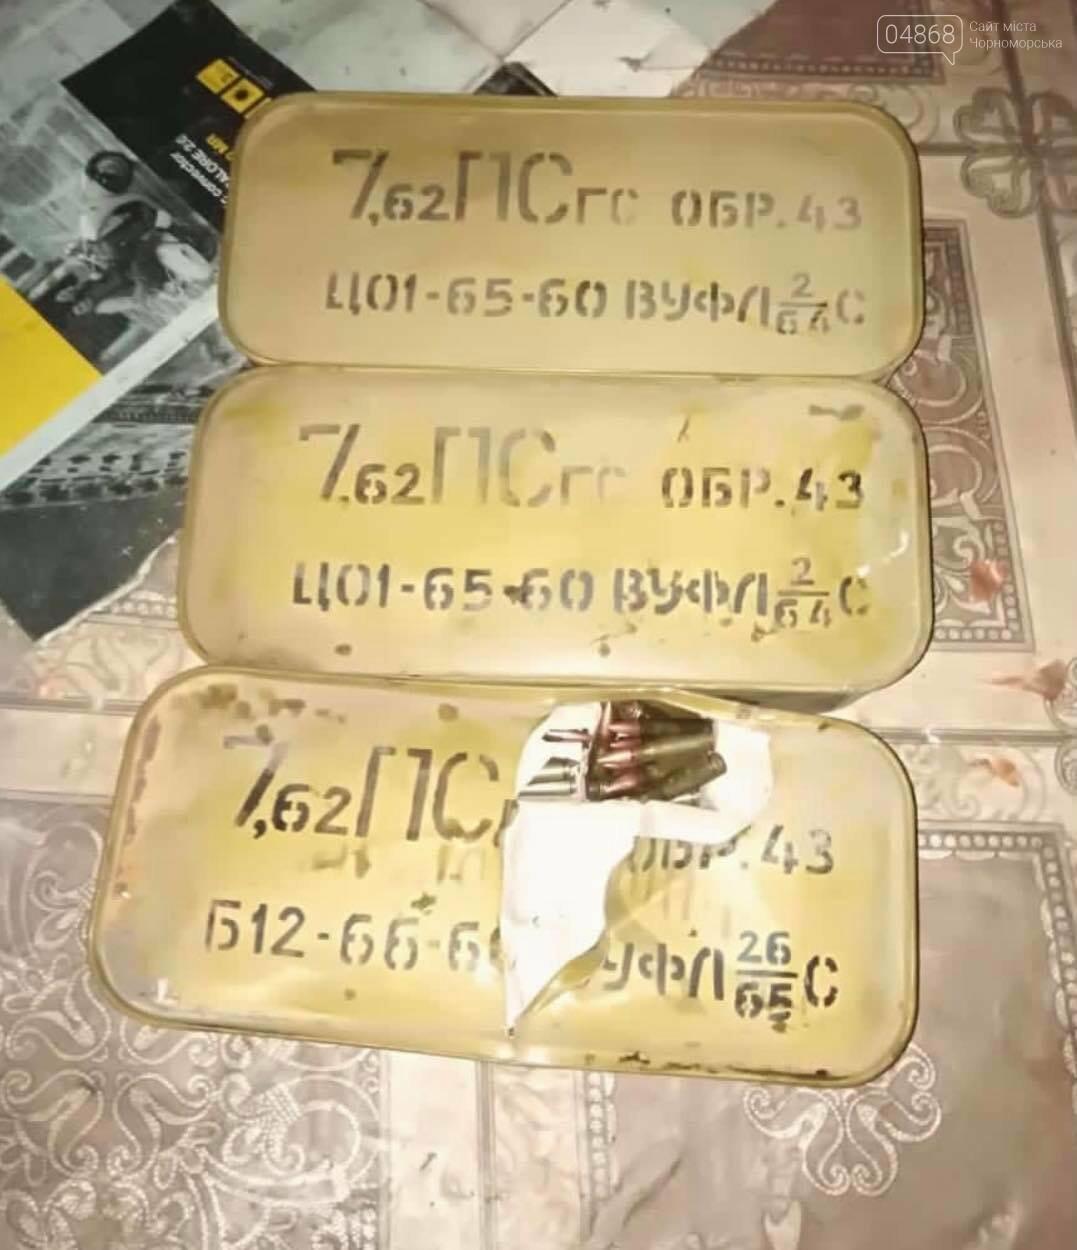 Полиция задержала военнослужащих за незаконную торговлю оружием, фото-2